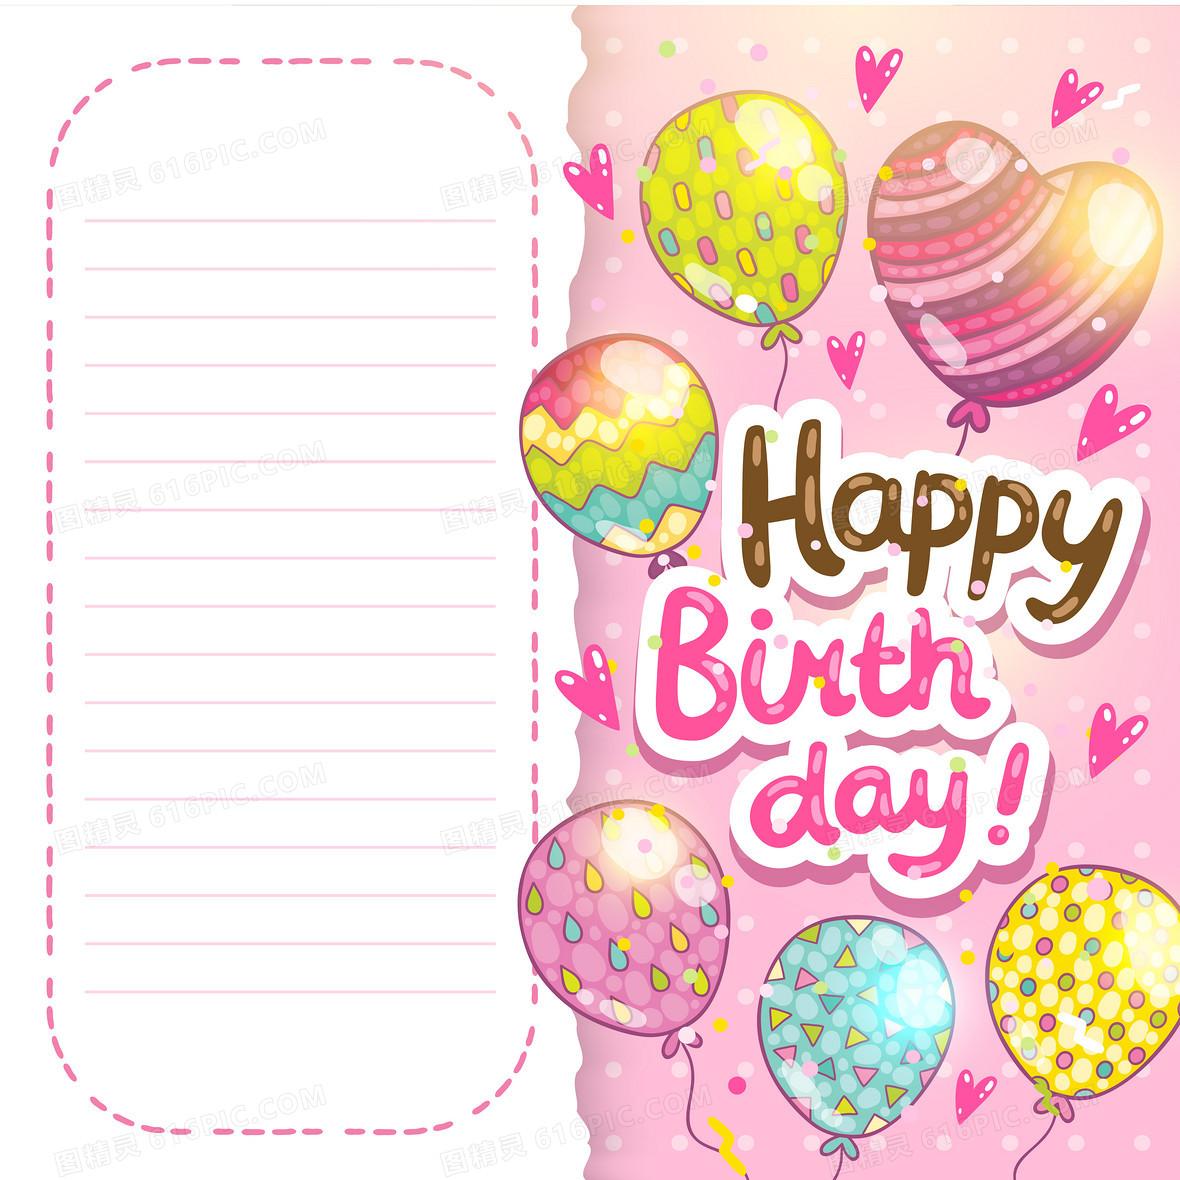 手绘卡通彩色气球生日贺卡背景素材